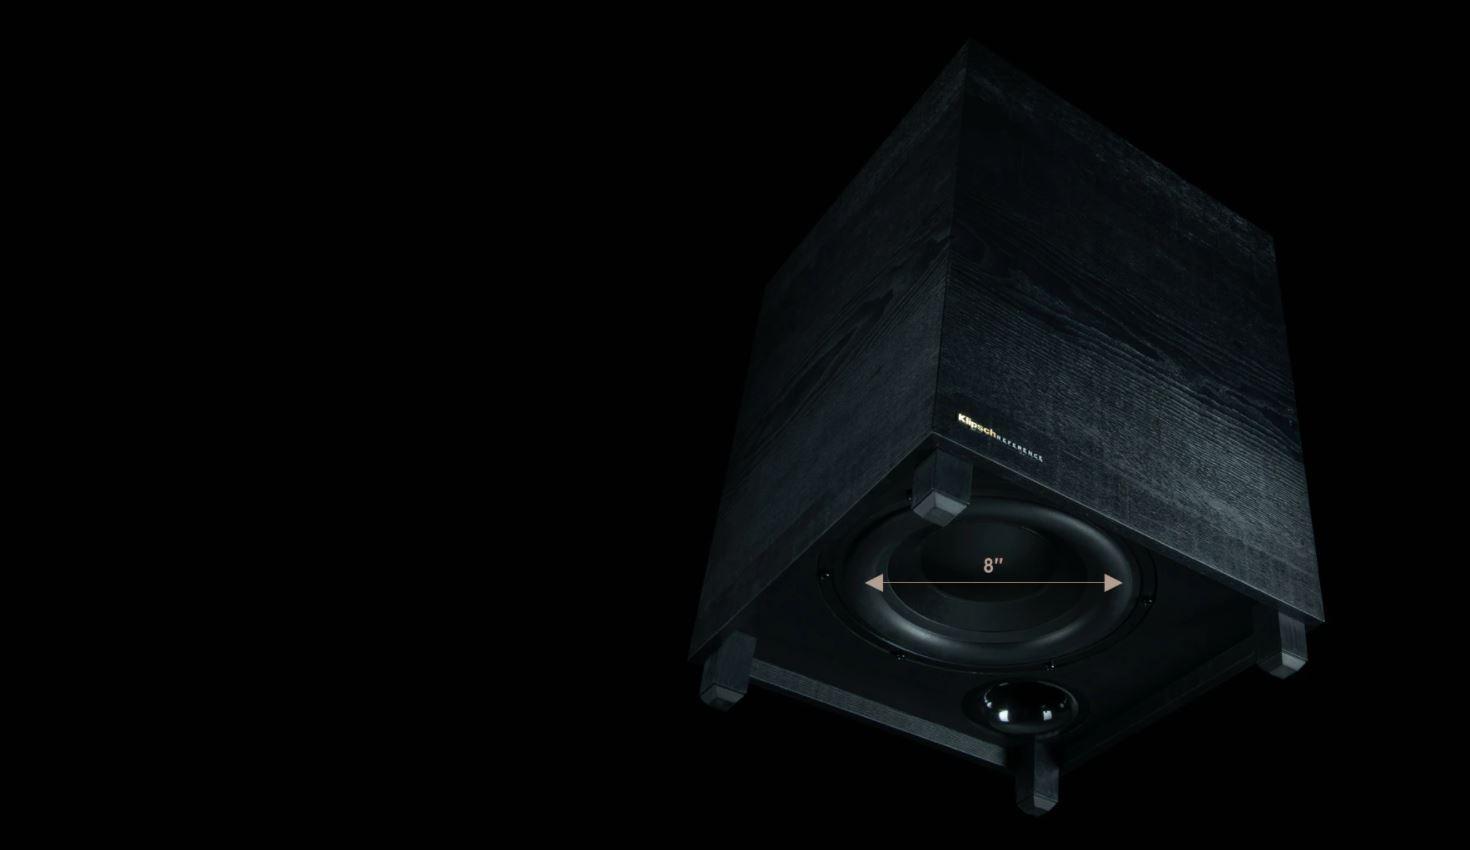 Barre de son KLIPSCH Cinema 400W SoundBar image 02